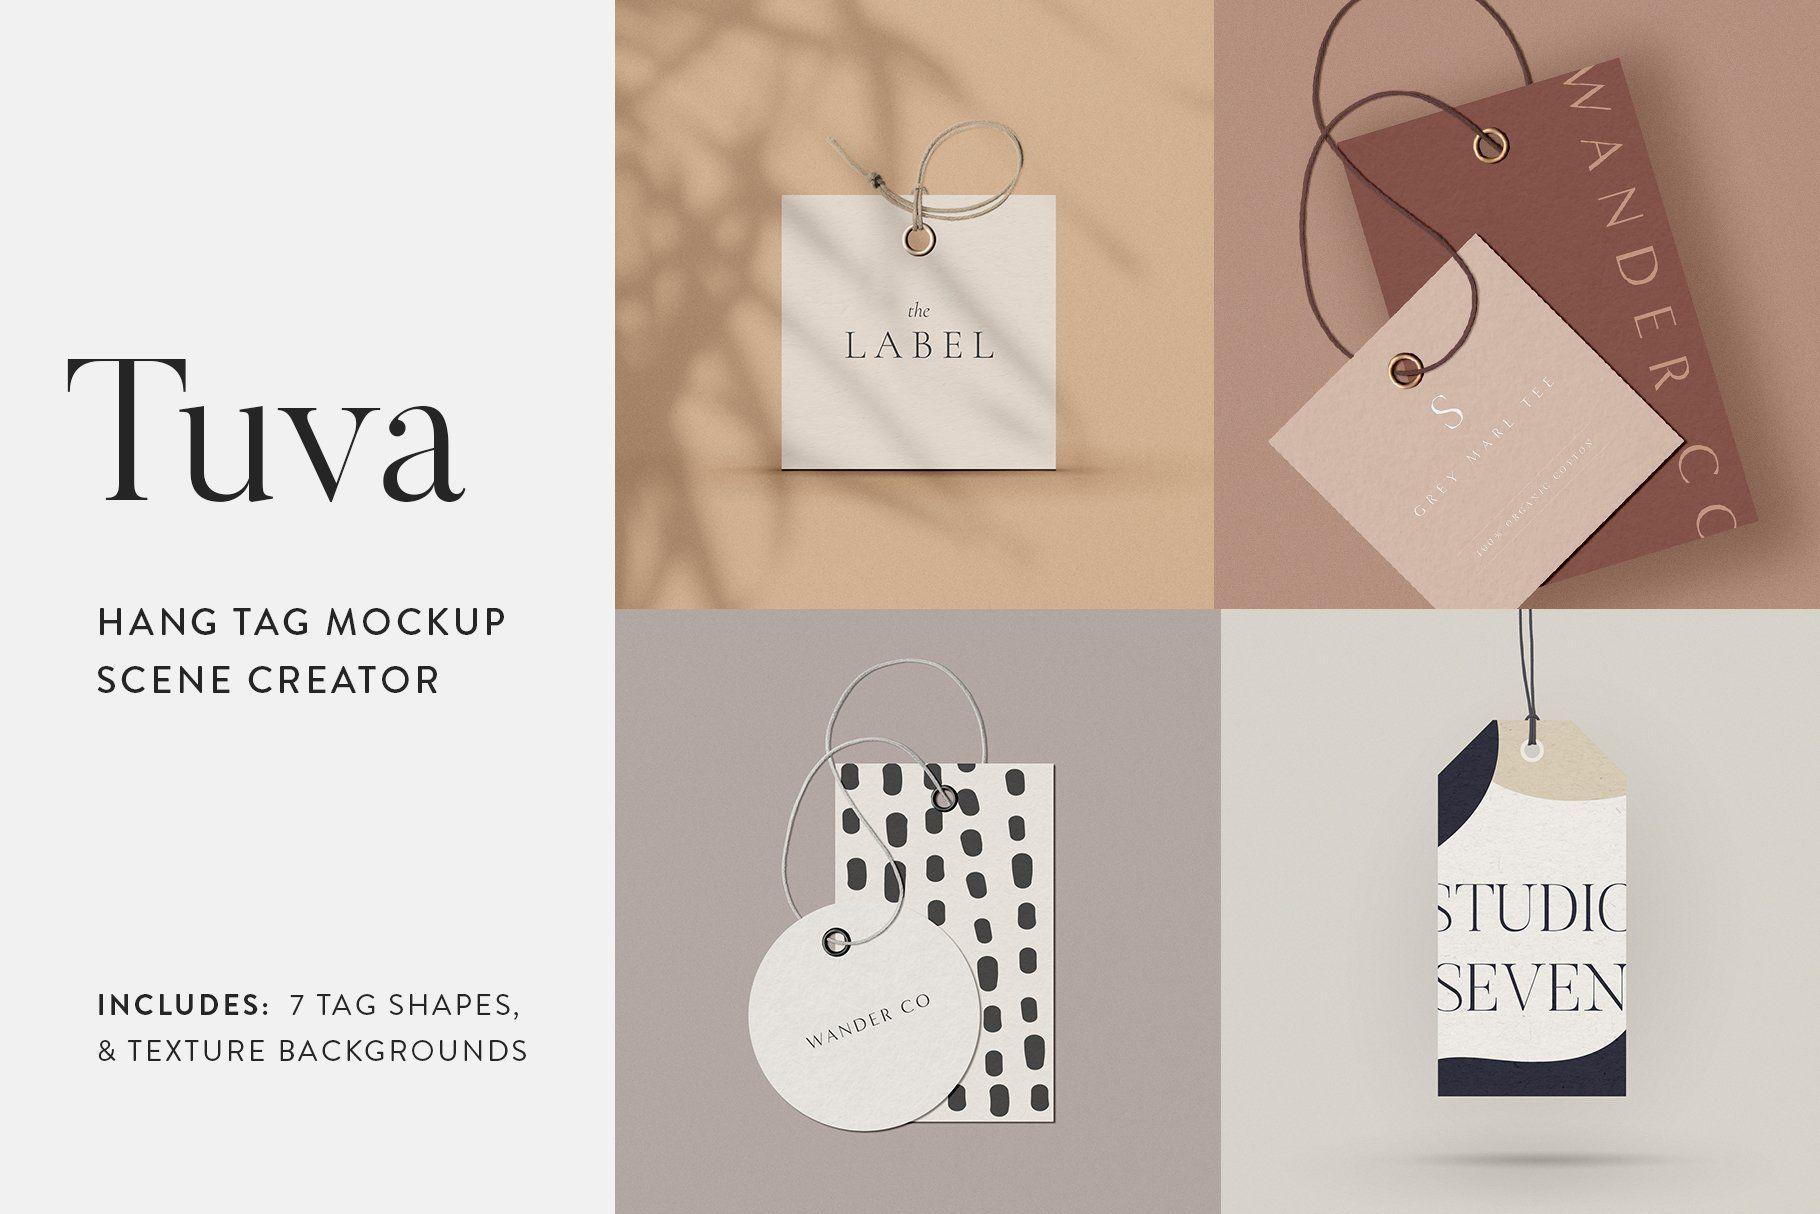 Tuva Hang Tag Mockup Scene Creator Moyo Studio Hang Tag Design Hang Tags Scene Creator